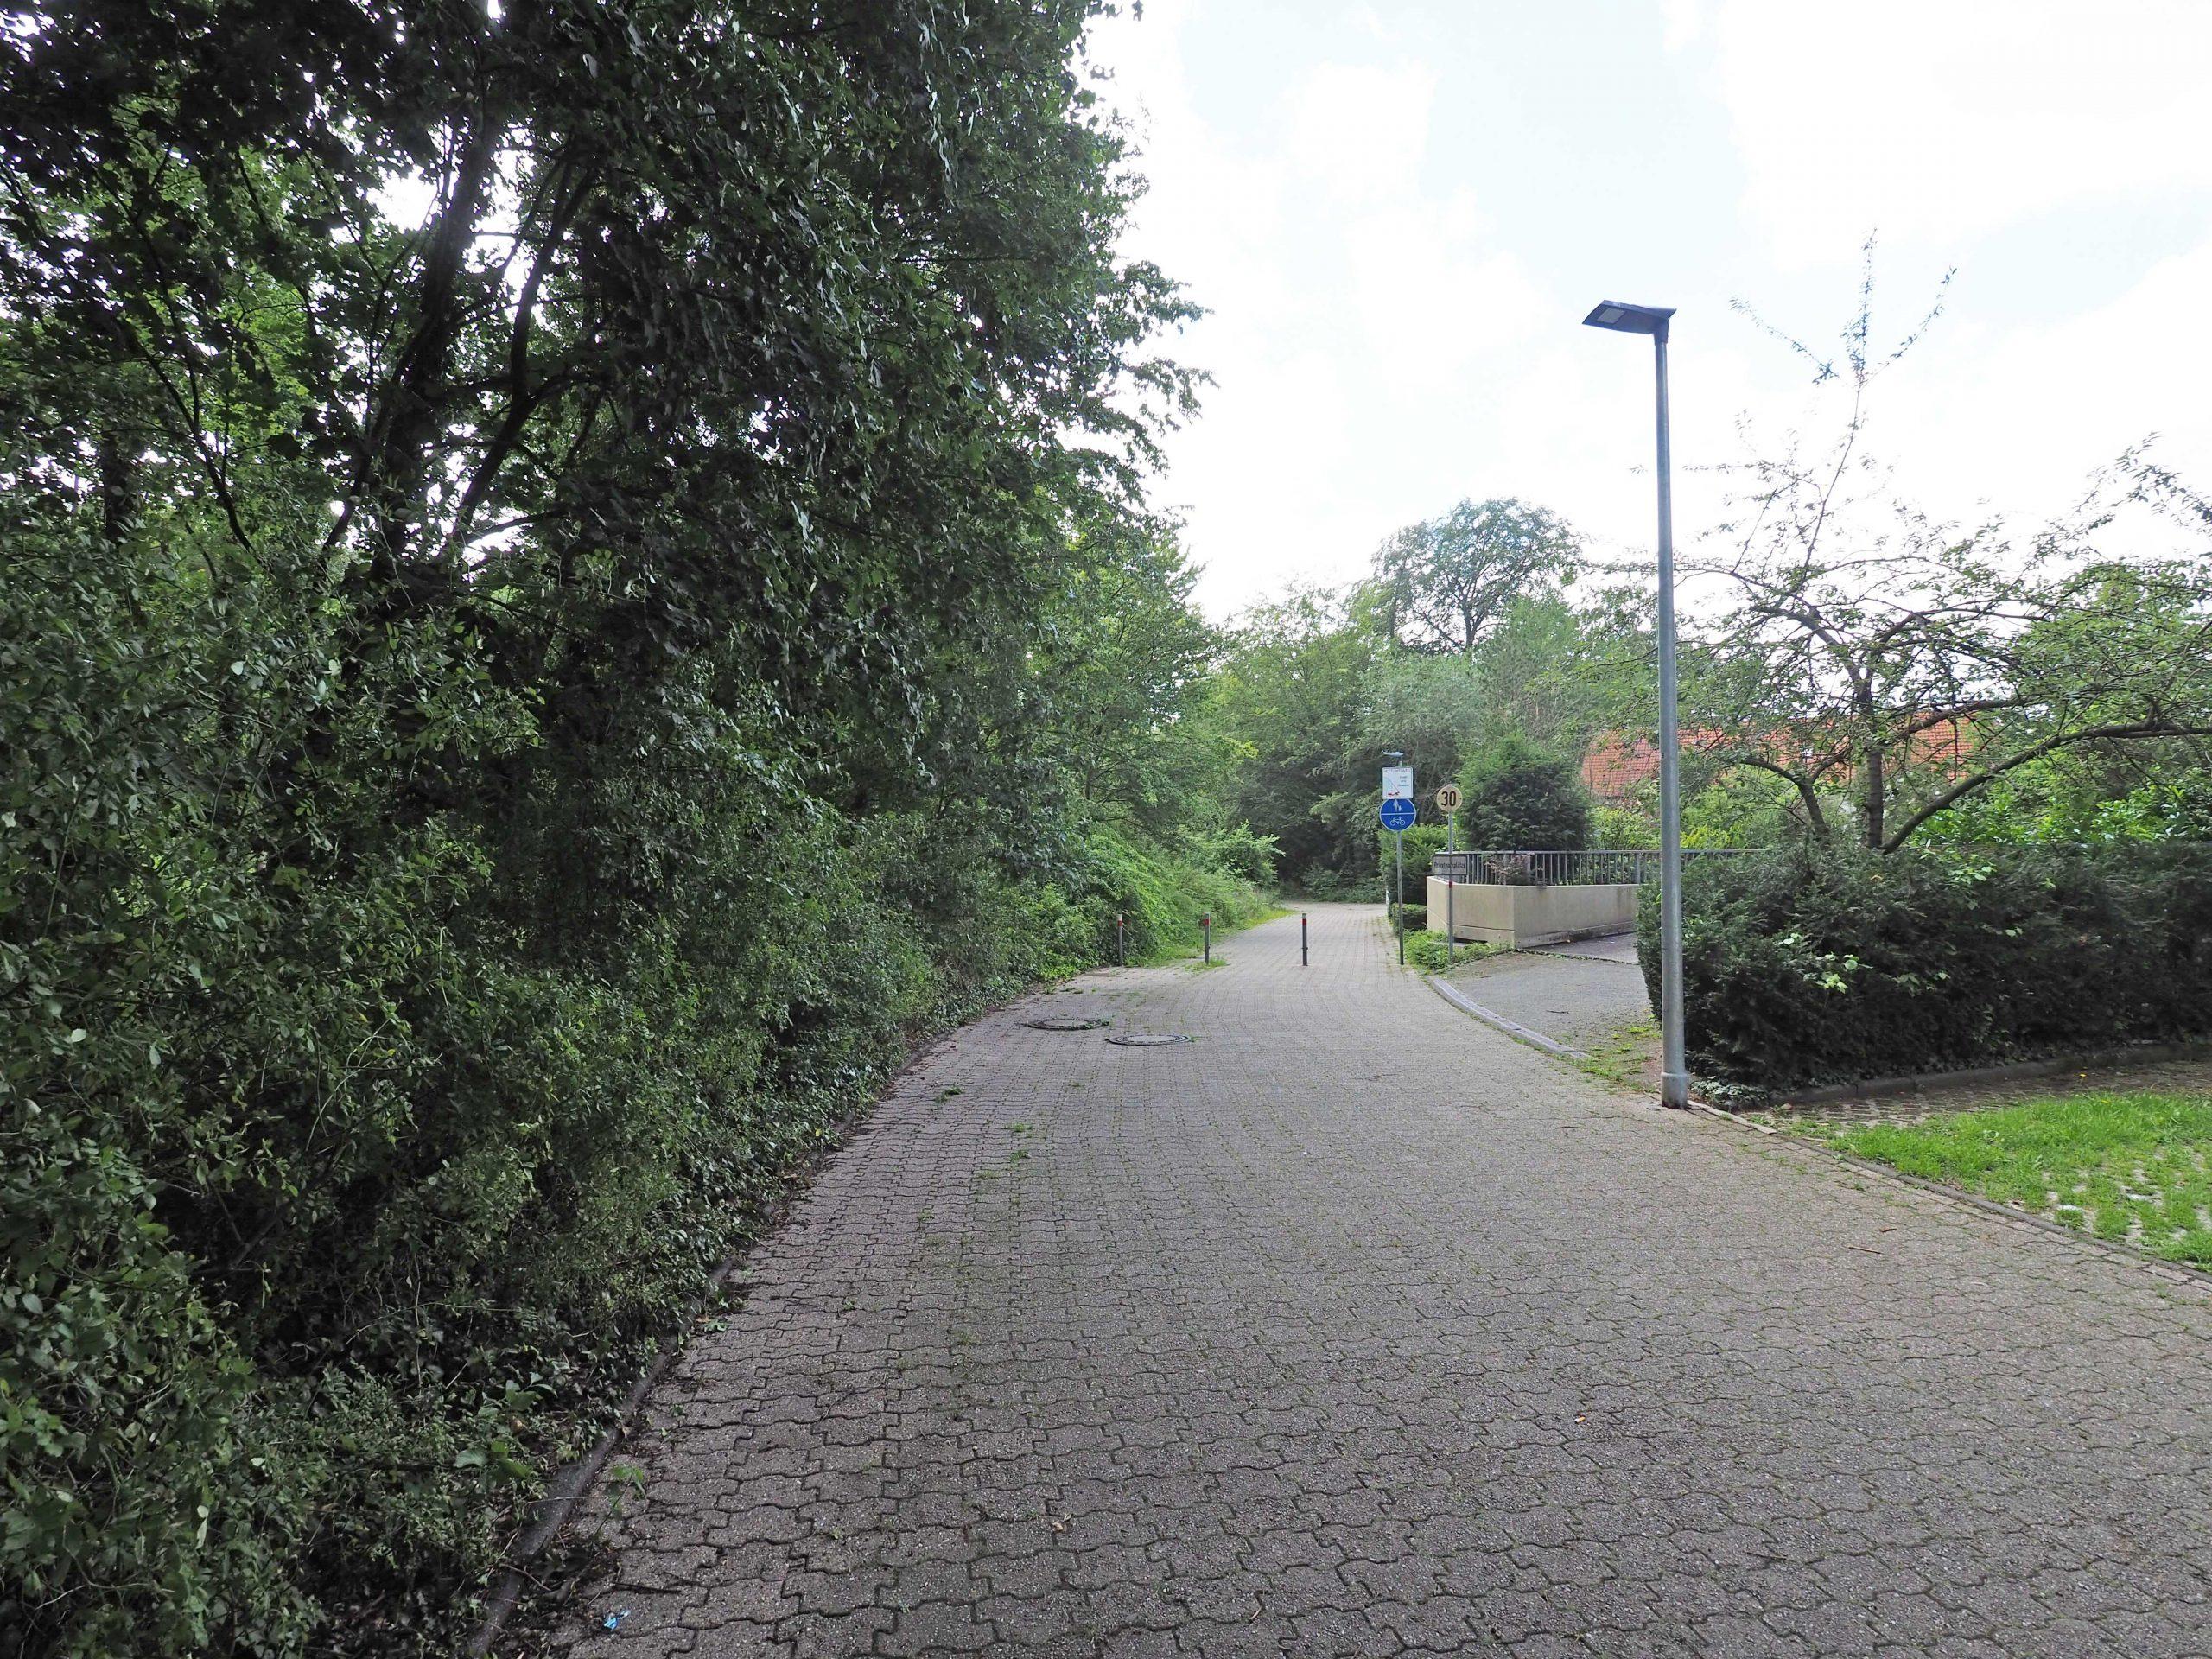 Hanspach Immobilien e.K. - Ihr Immobilienmakler im Kölner Westen